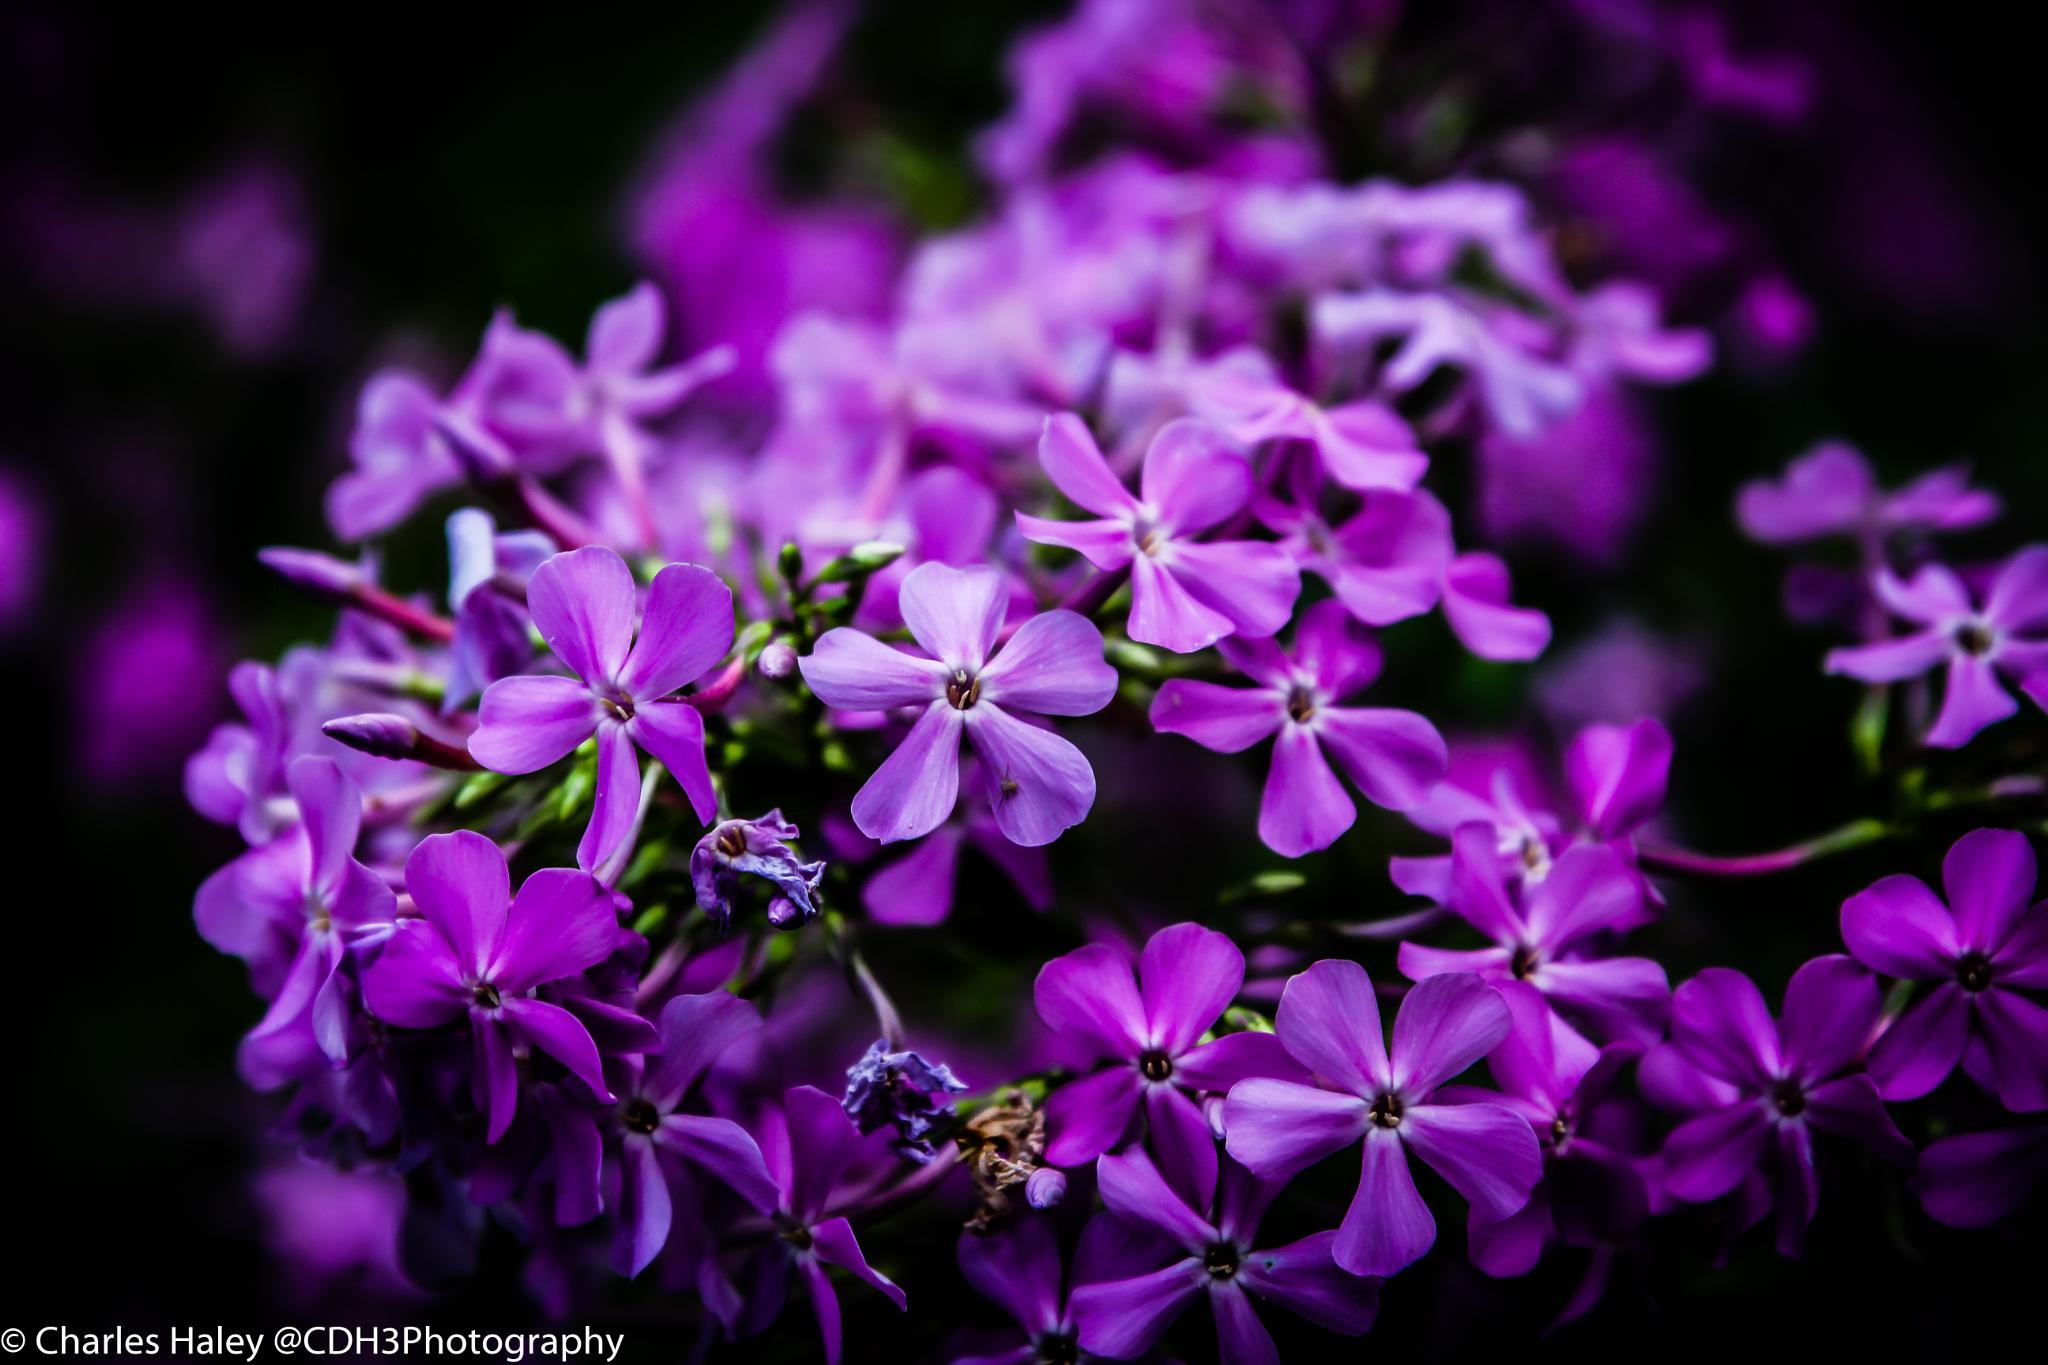 Purple Perennials  by CDH3Photography